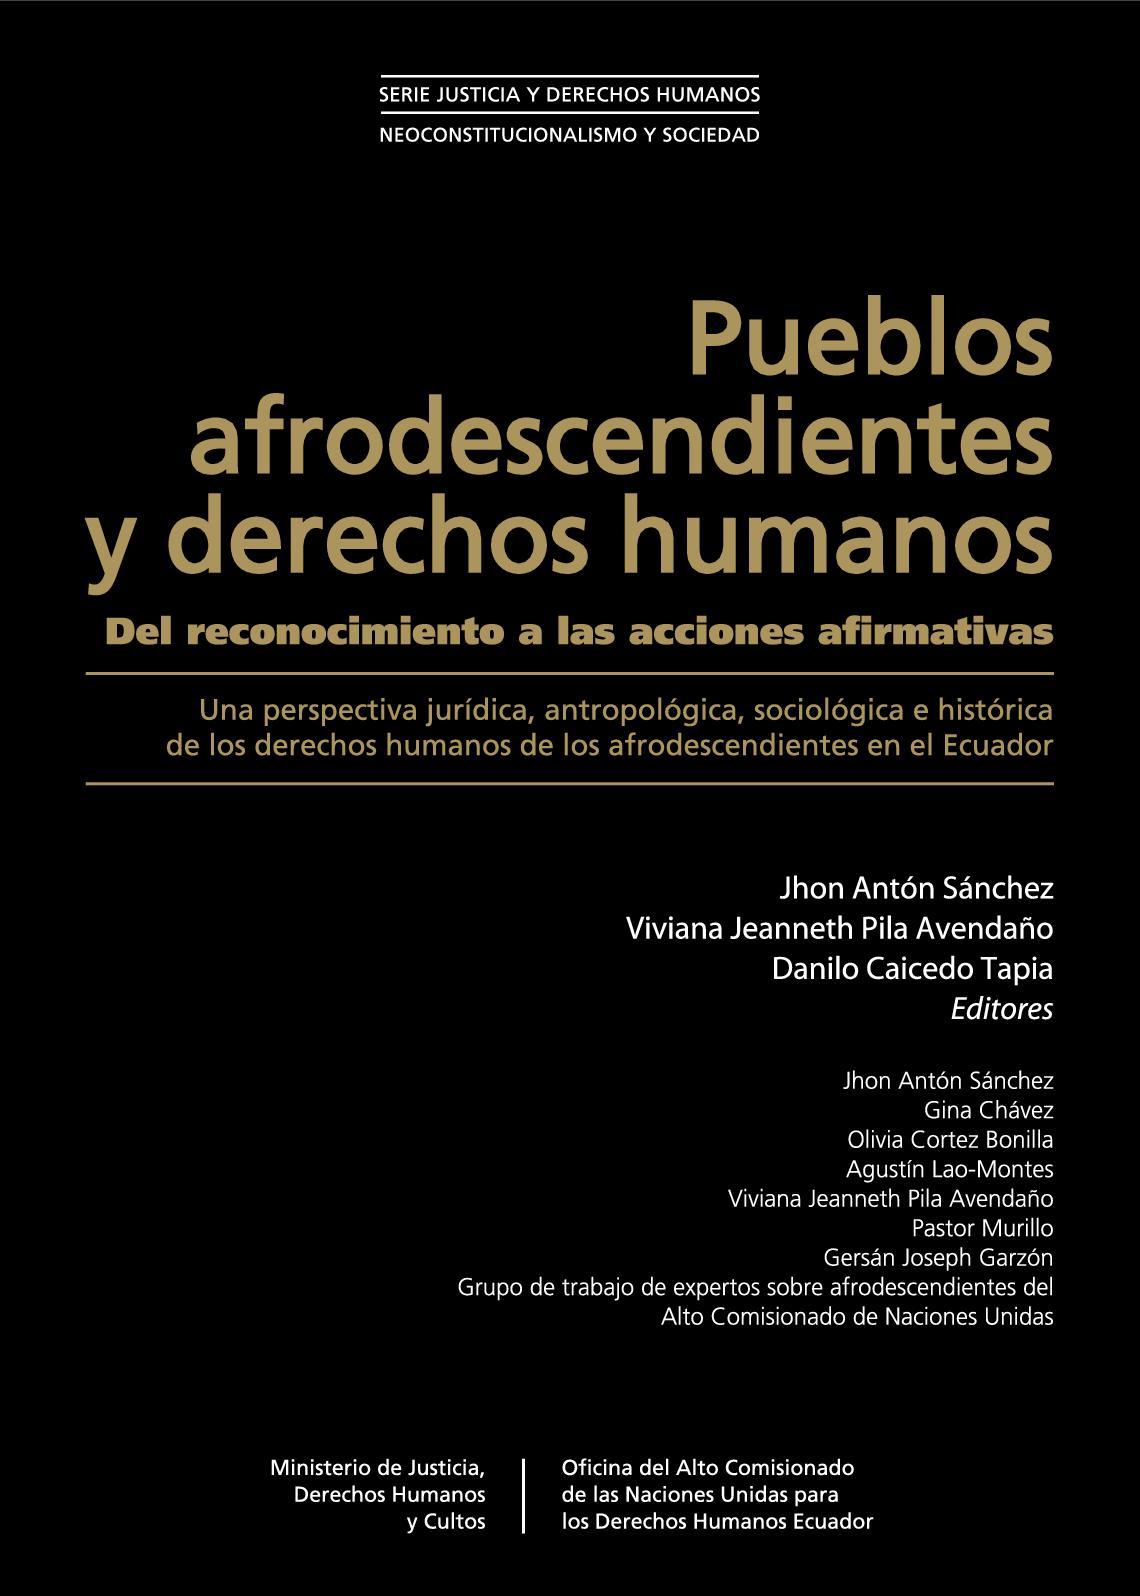 Calaméo - 9 Pueblos Afrodescendientes Y Ddhh